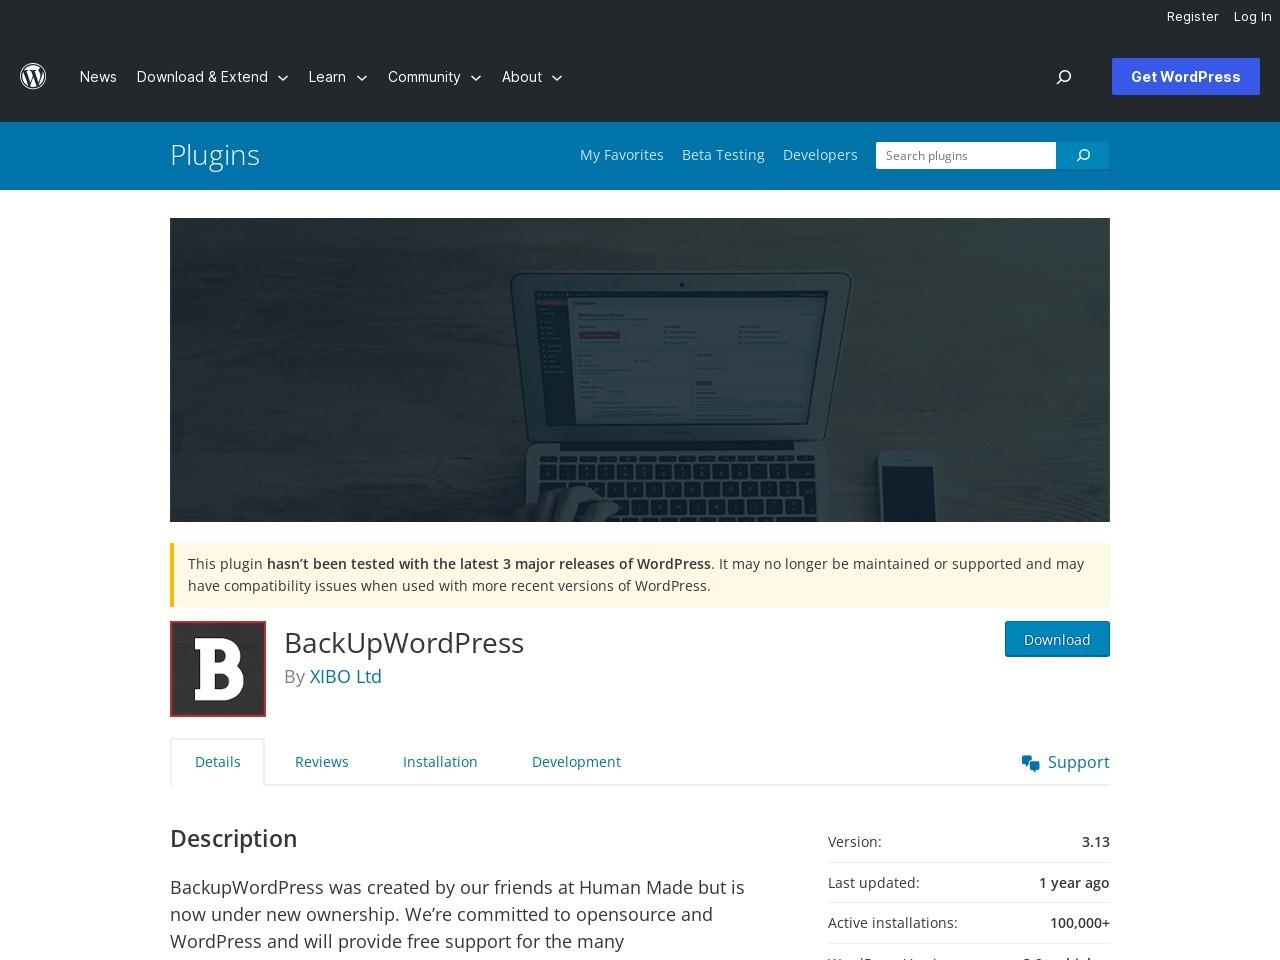 BackUpWordPress